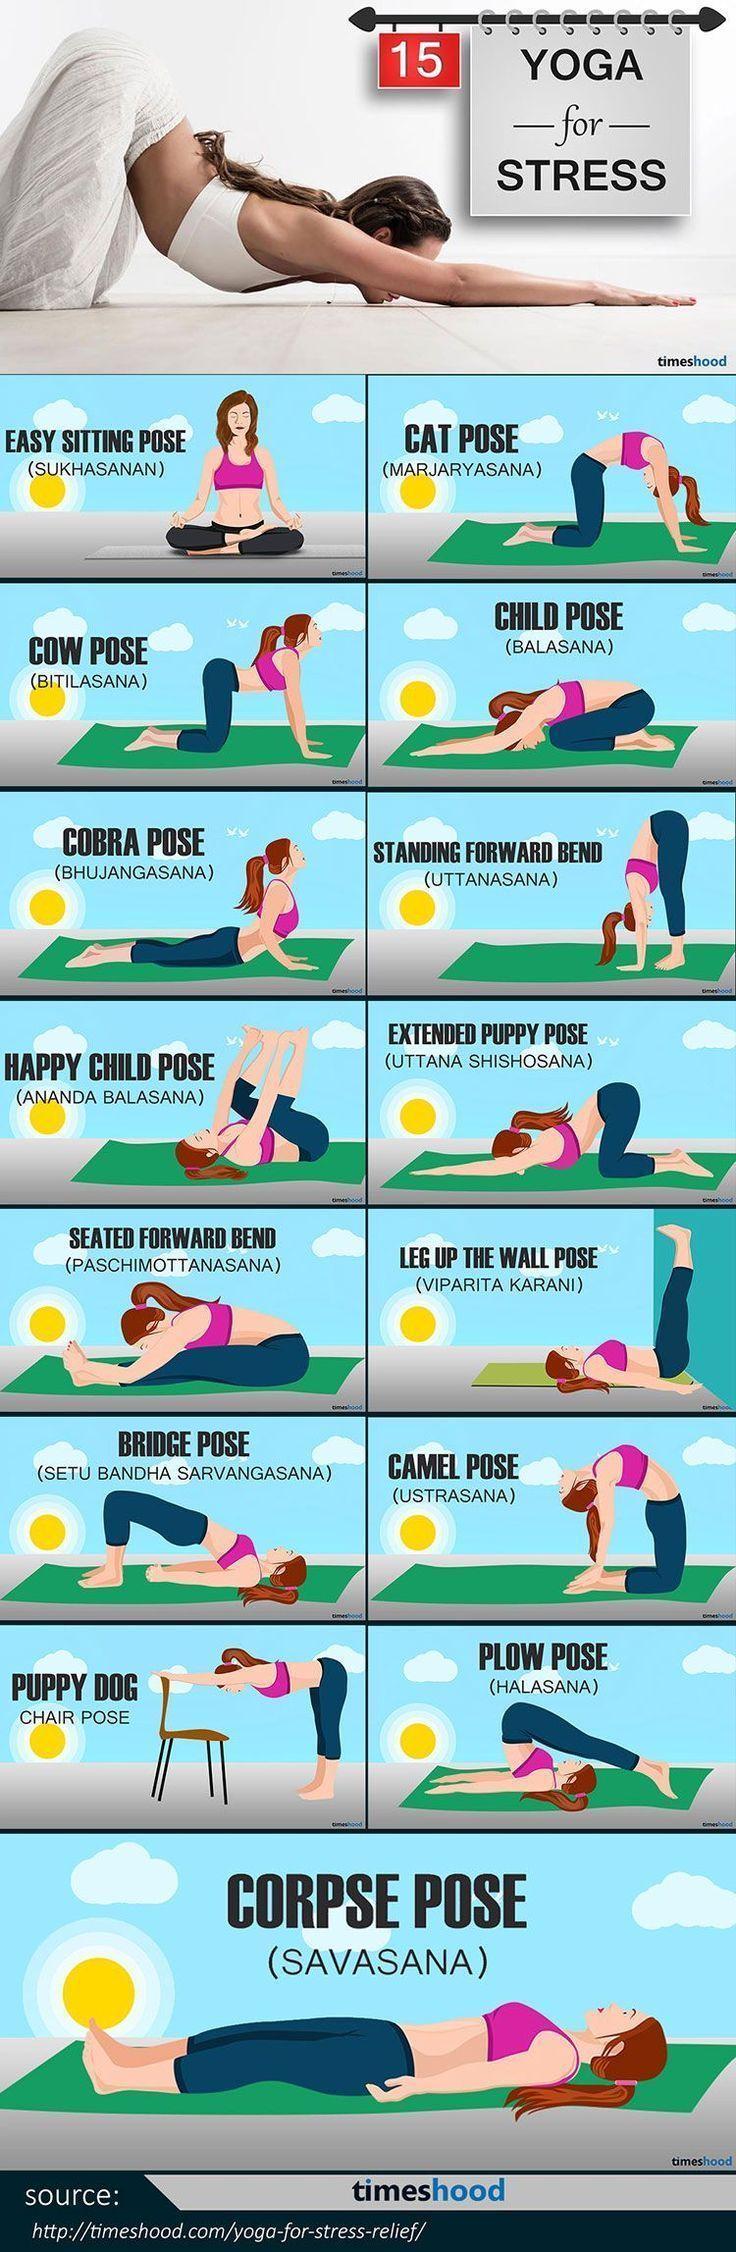 Sun salutation for beginners / Surya Namaskar - Yoga & Fitness, #amp #beginners #bmichartforteens #F...